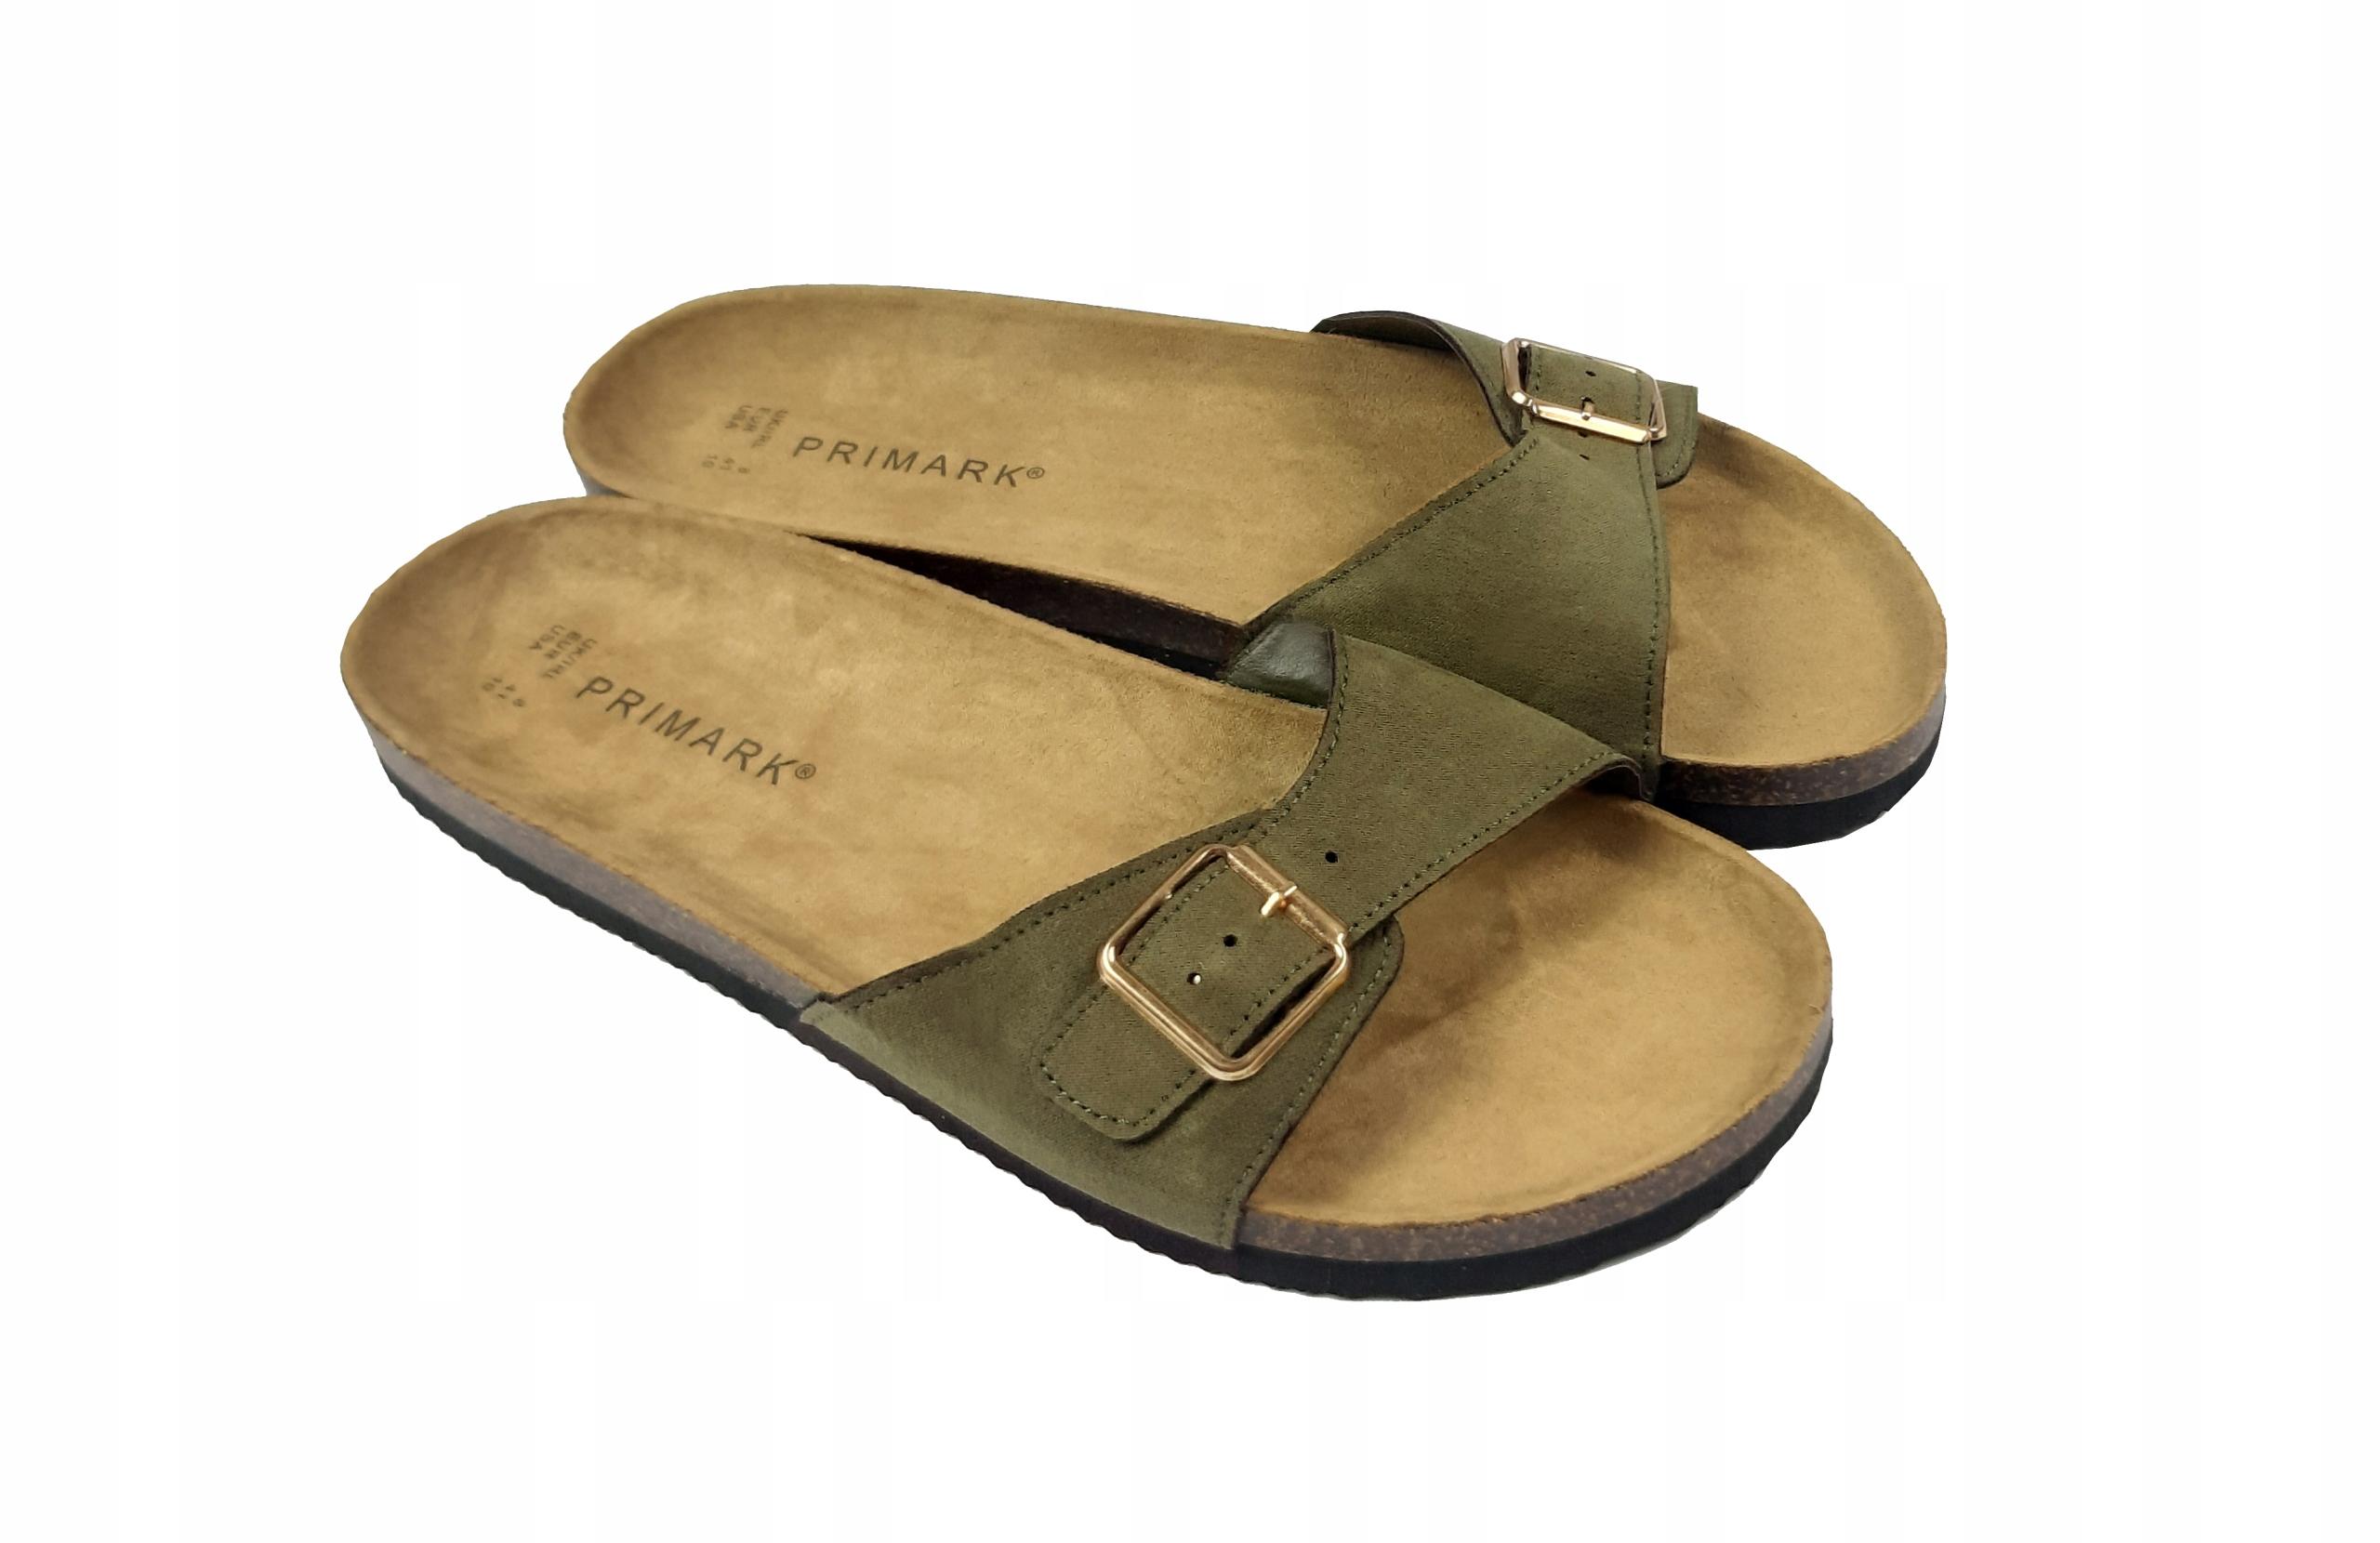 Primark klapki sandały 42 - 43 na szerokie stopy